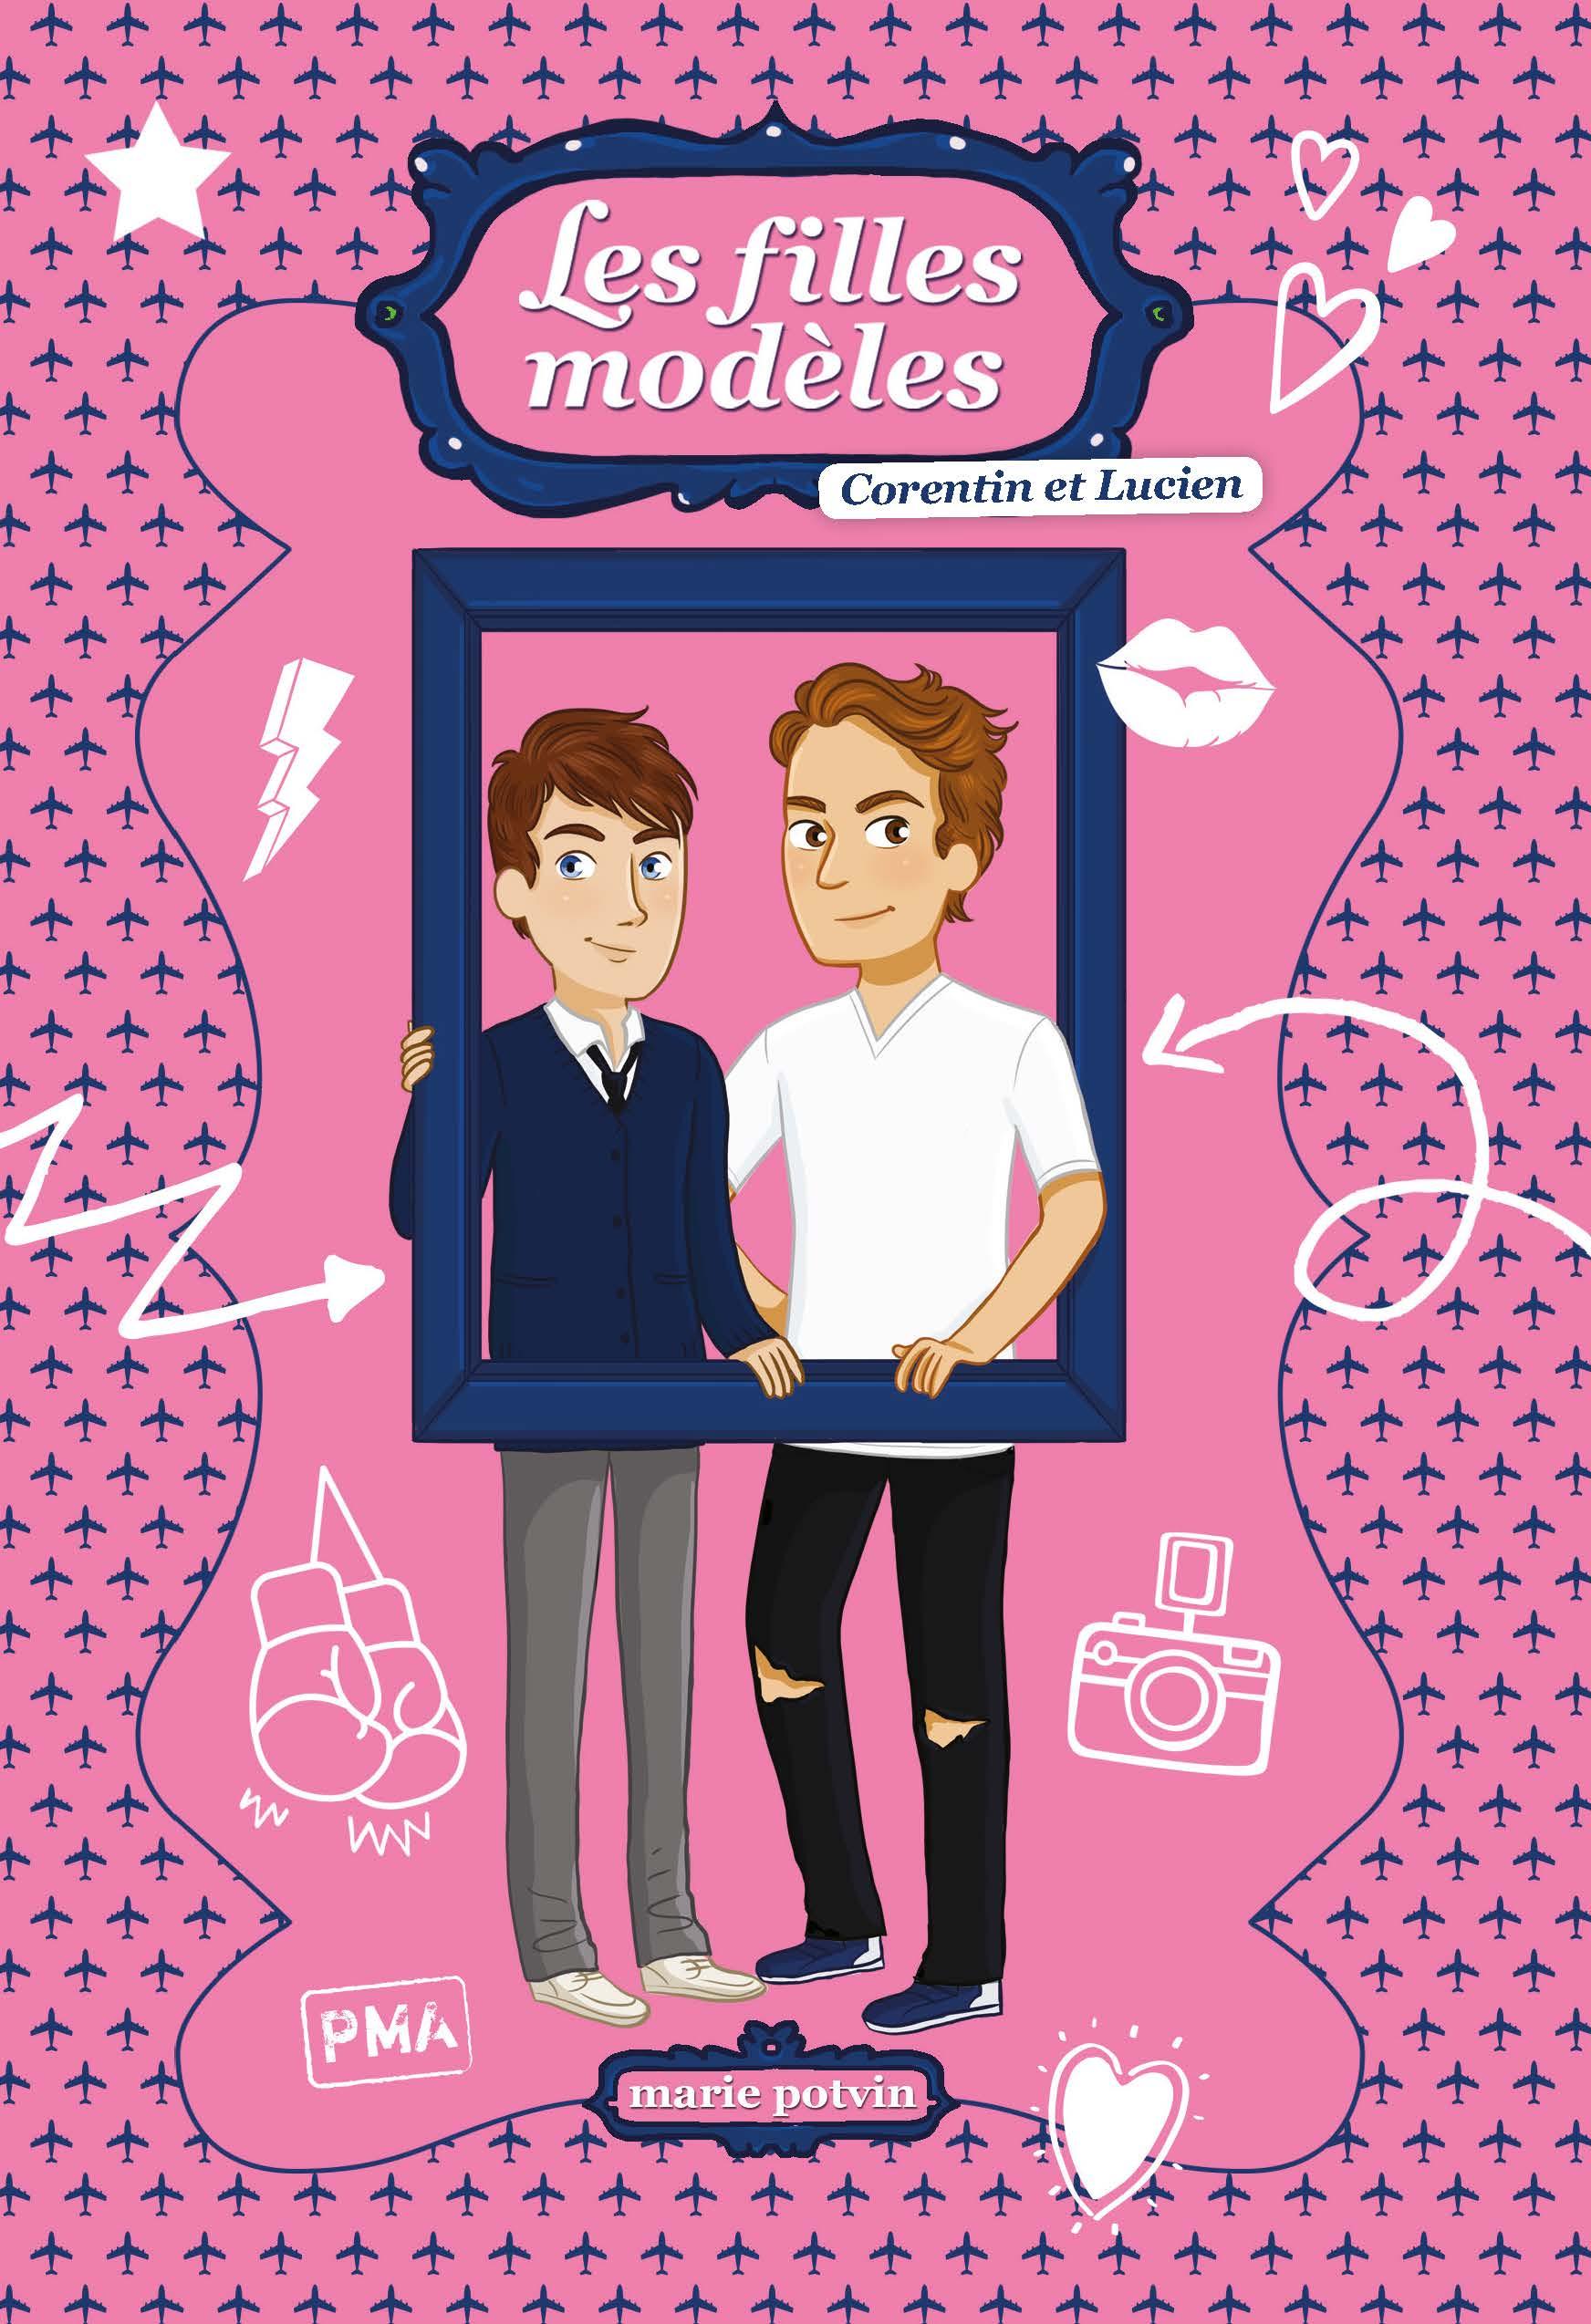 Hors-série Les filles modèles: Corentin et Lucien